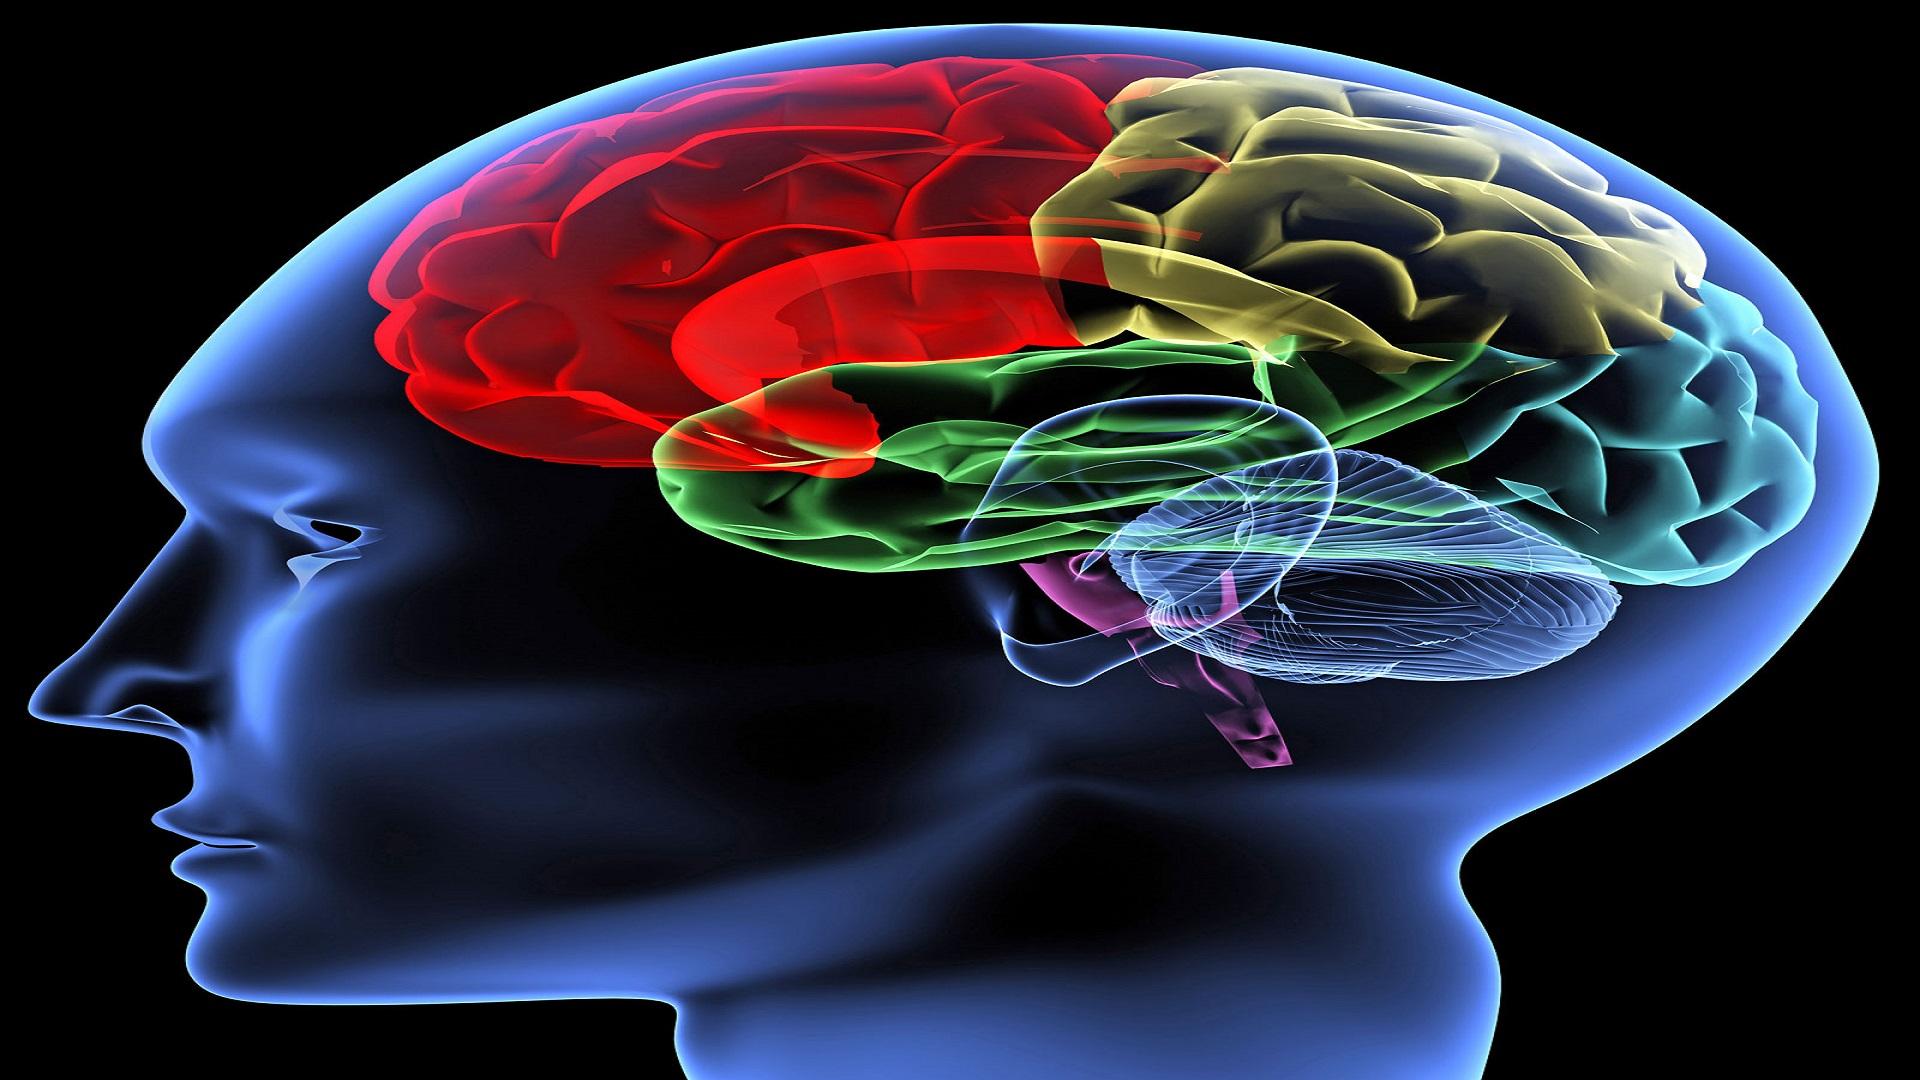 Τα τεστ ακοής αποκαλύπτουν επιδράσεις του HIV στον εγκέφαλο